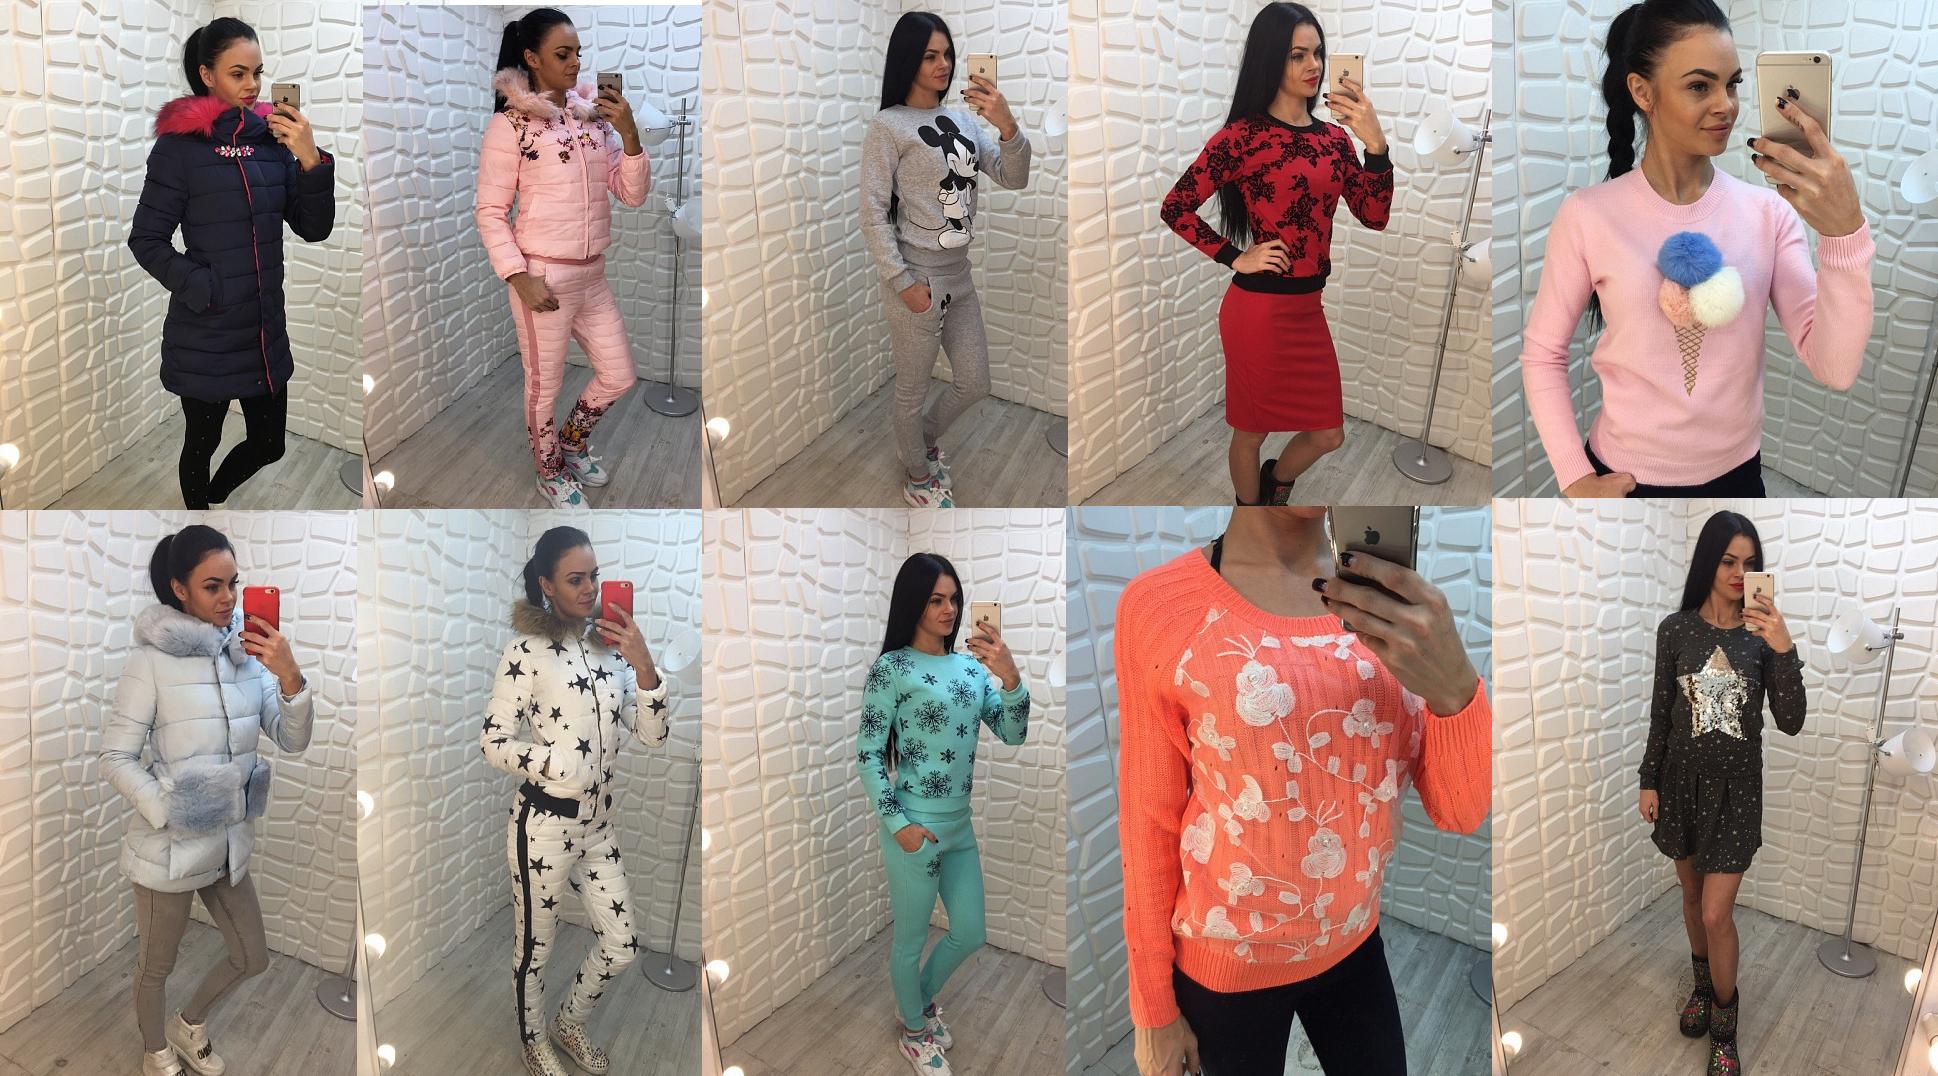 Женская молодежная одежда-куртки осень-зима,пуховики,костюмы на синтепоне,костюмы на флисе,кофты,свитера и многое другое.Реплики и копии брендов.Есть все,чтобы быть в тренде.